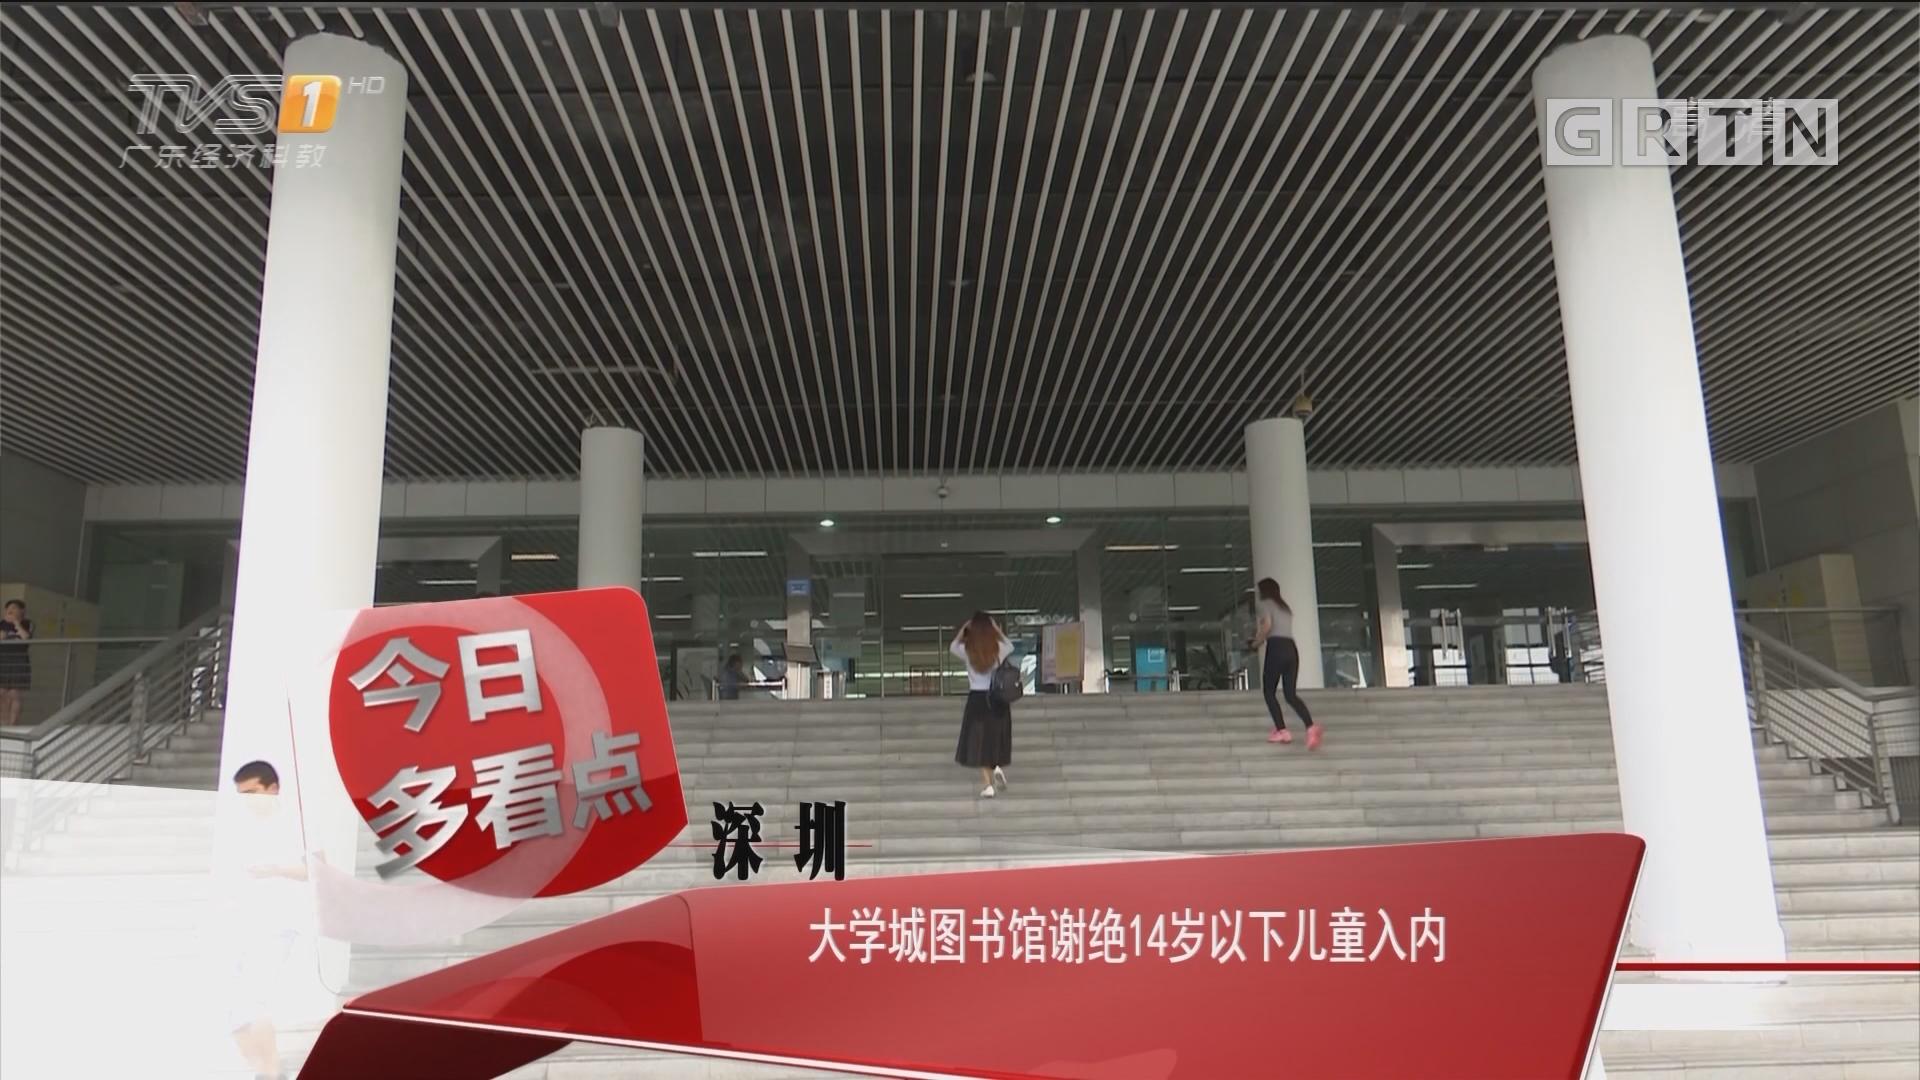 深圳:大学城图书馆谢绝14岁以下儿童入内